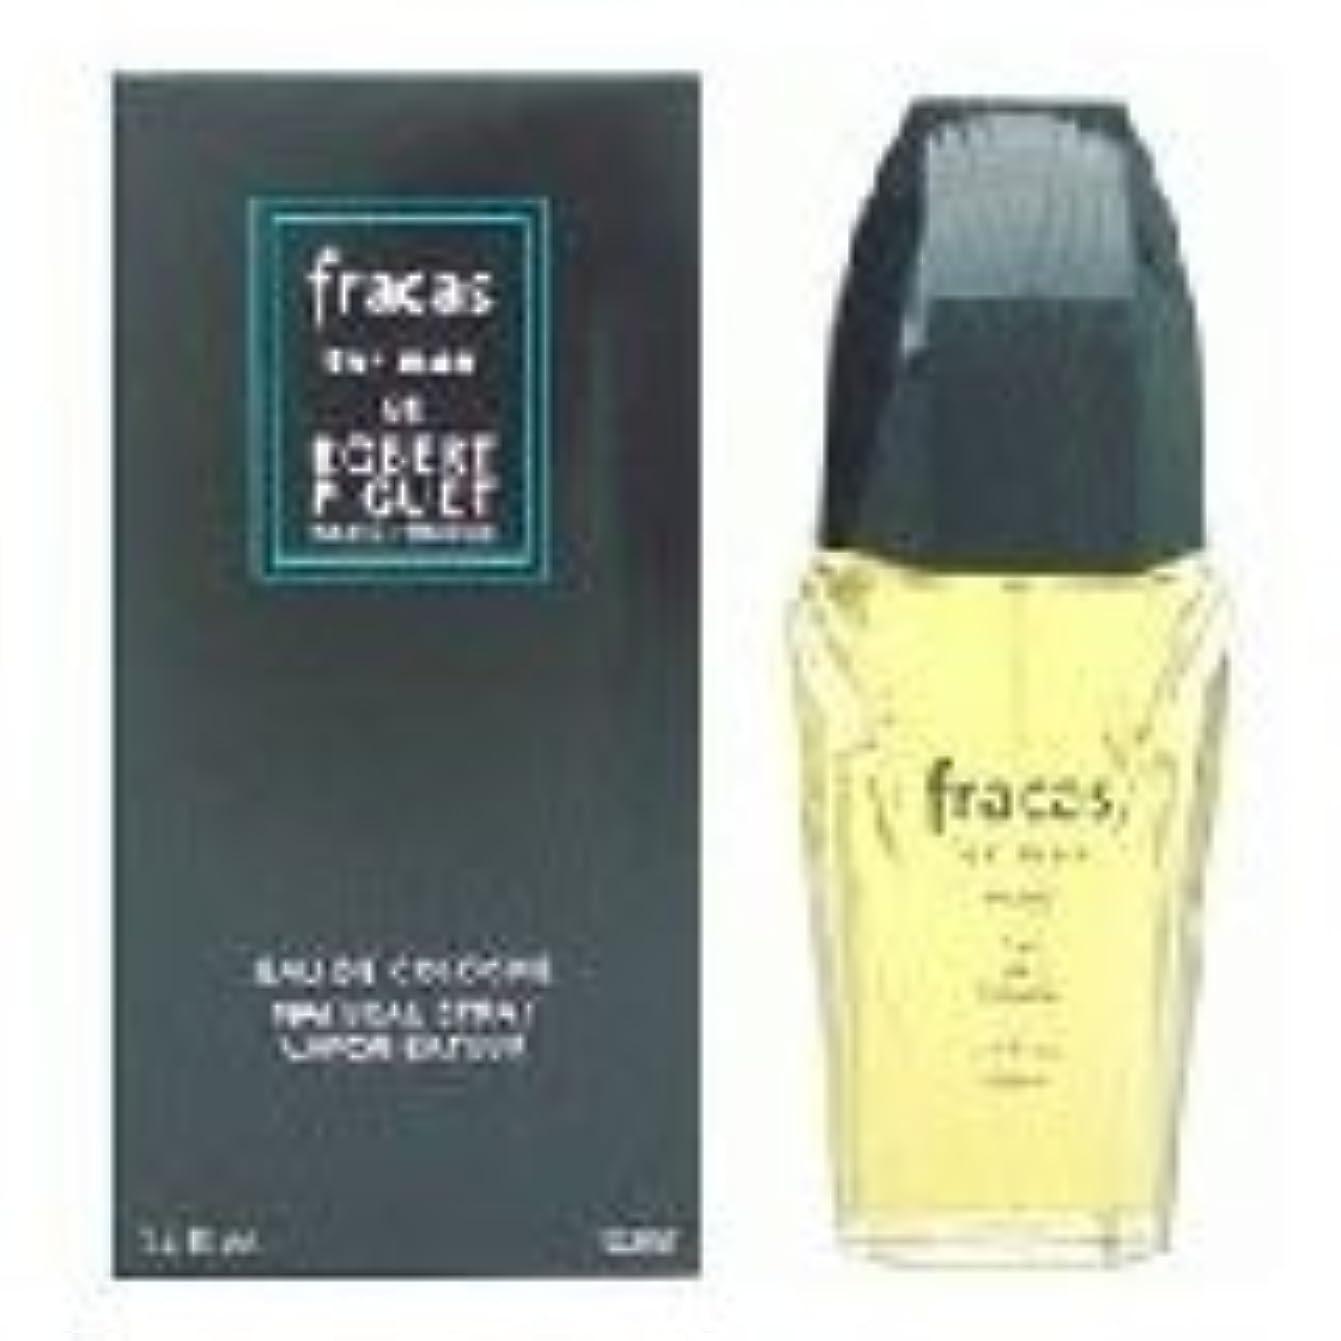 エイリアス文字文芸Fracas (フラカス)3.4 oz (100ml) EDC Spray by Robert Piguet for Men